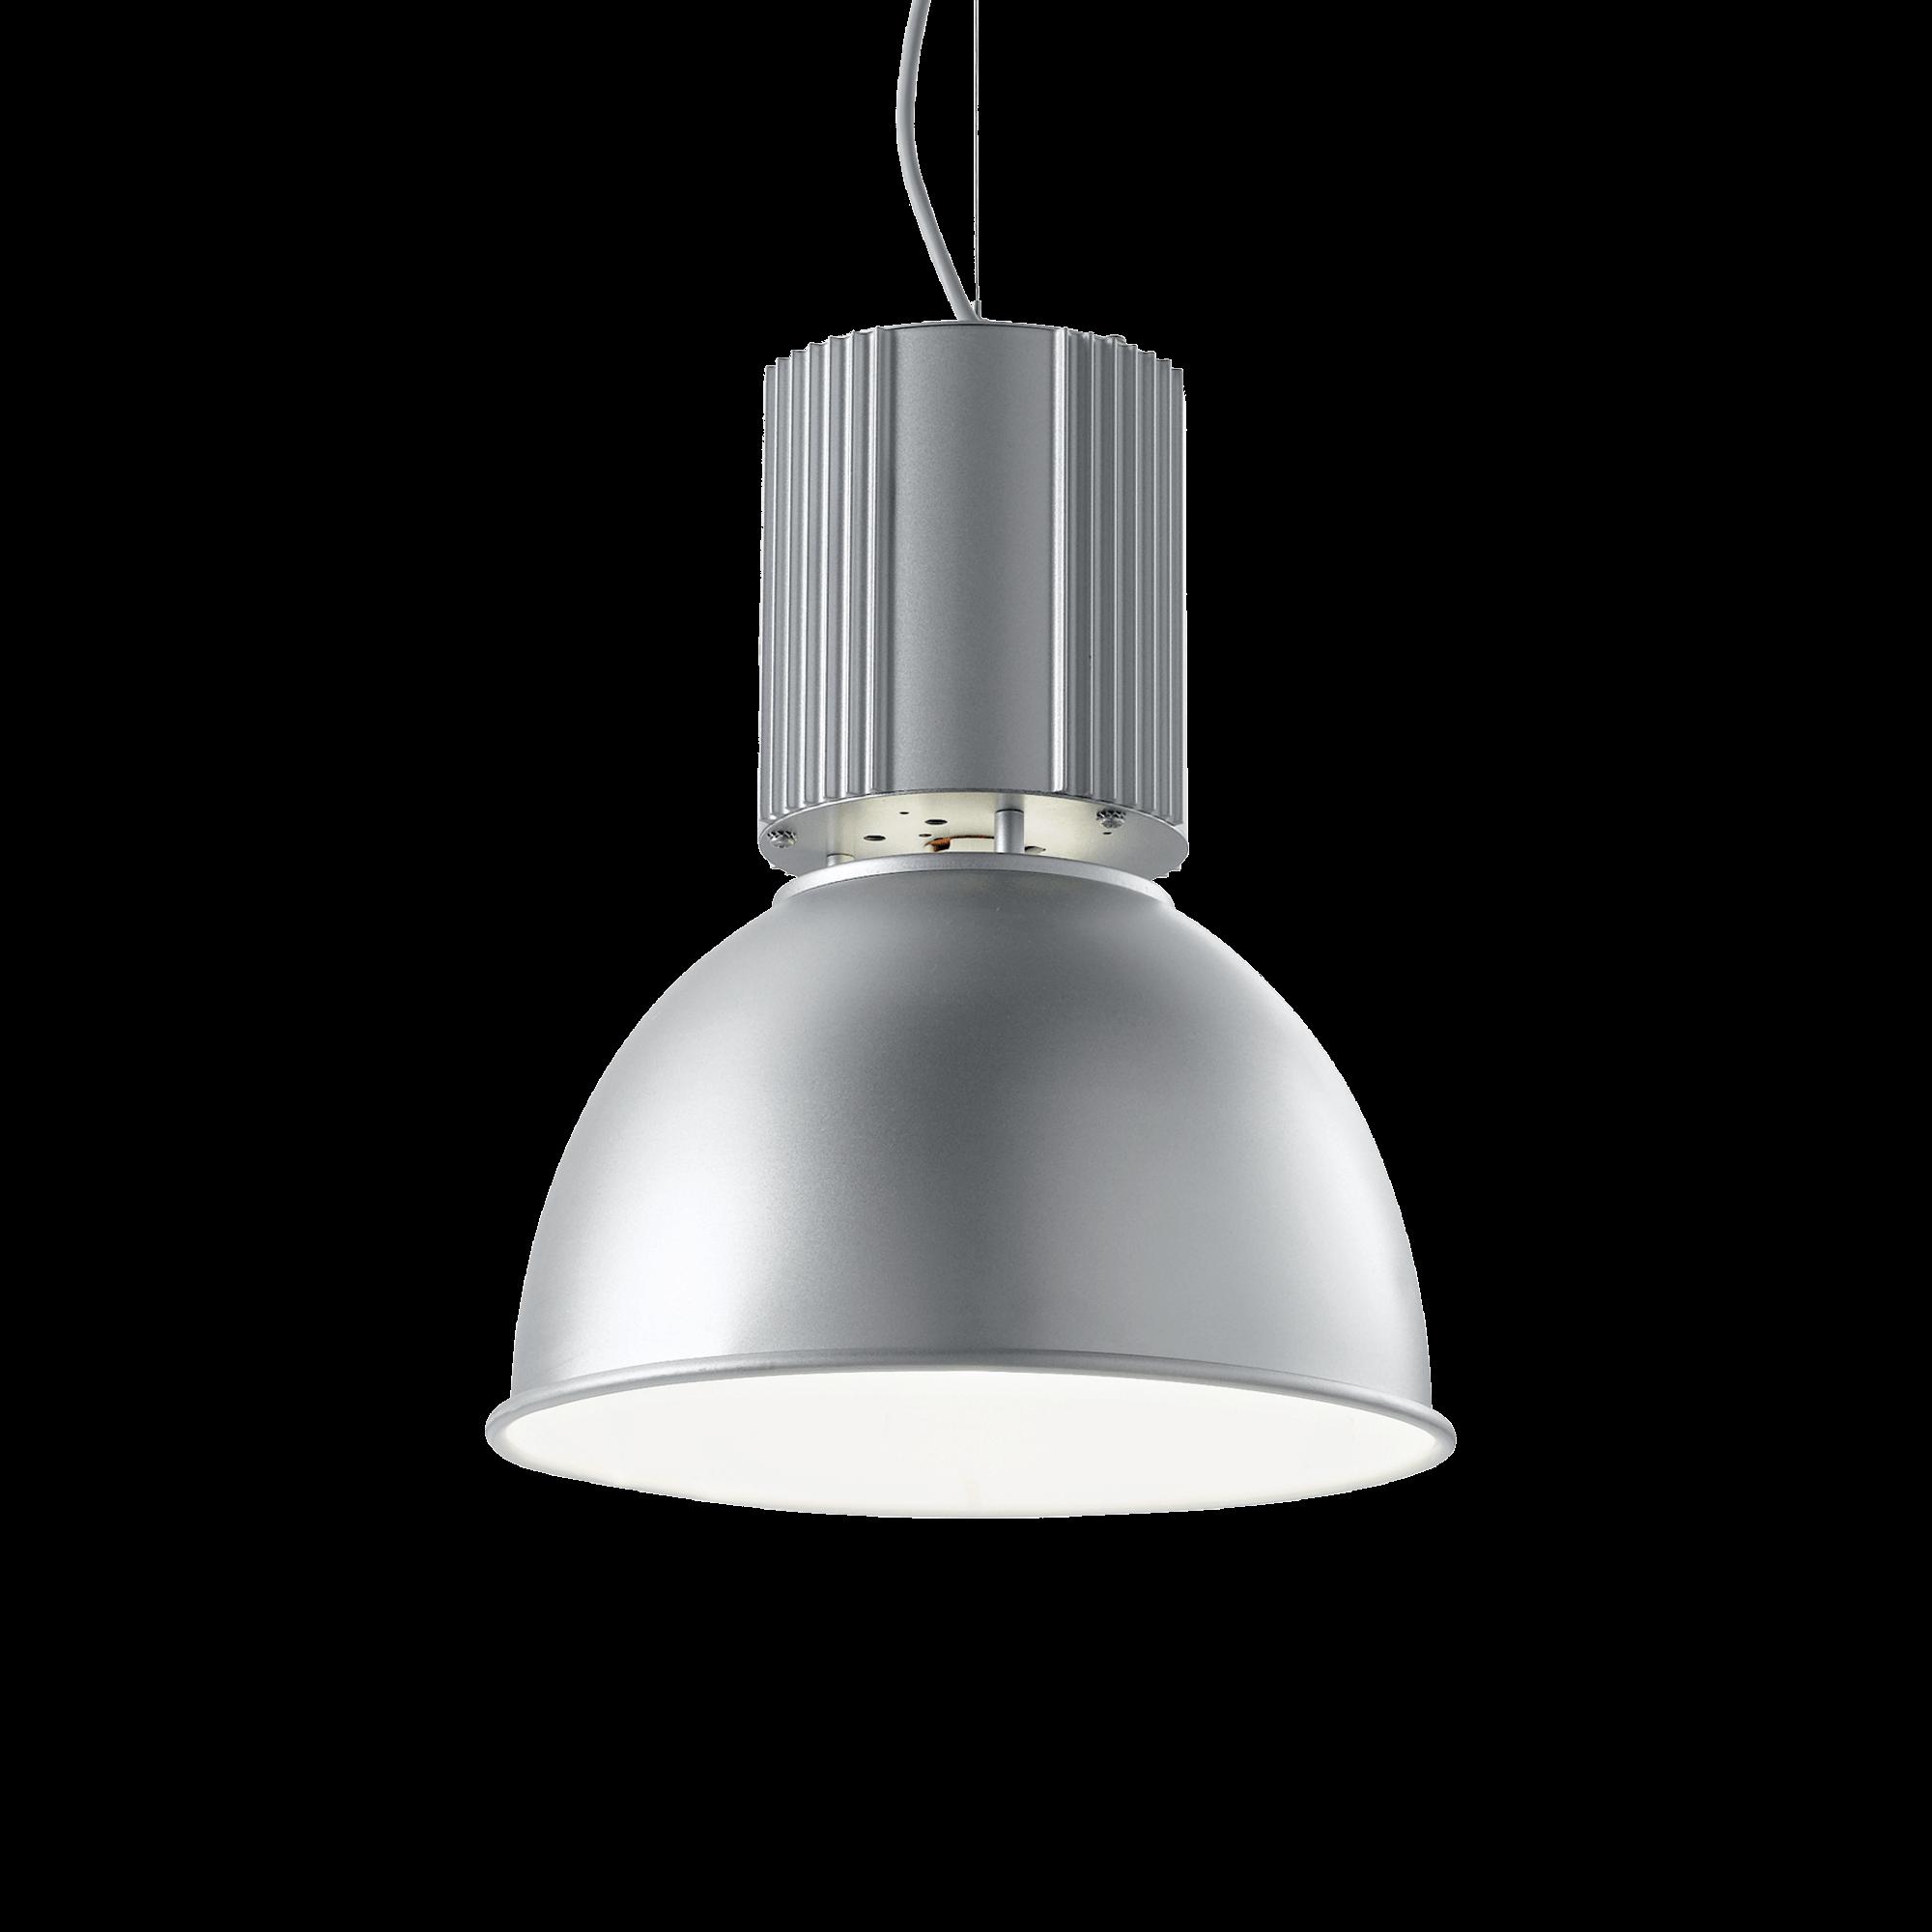 Ideal Lux 100326 Hangar SP1 Alluminio lámpa függeszték